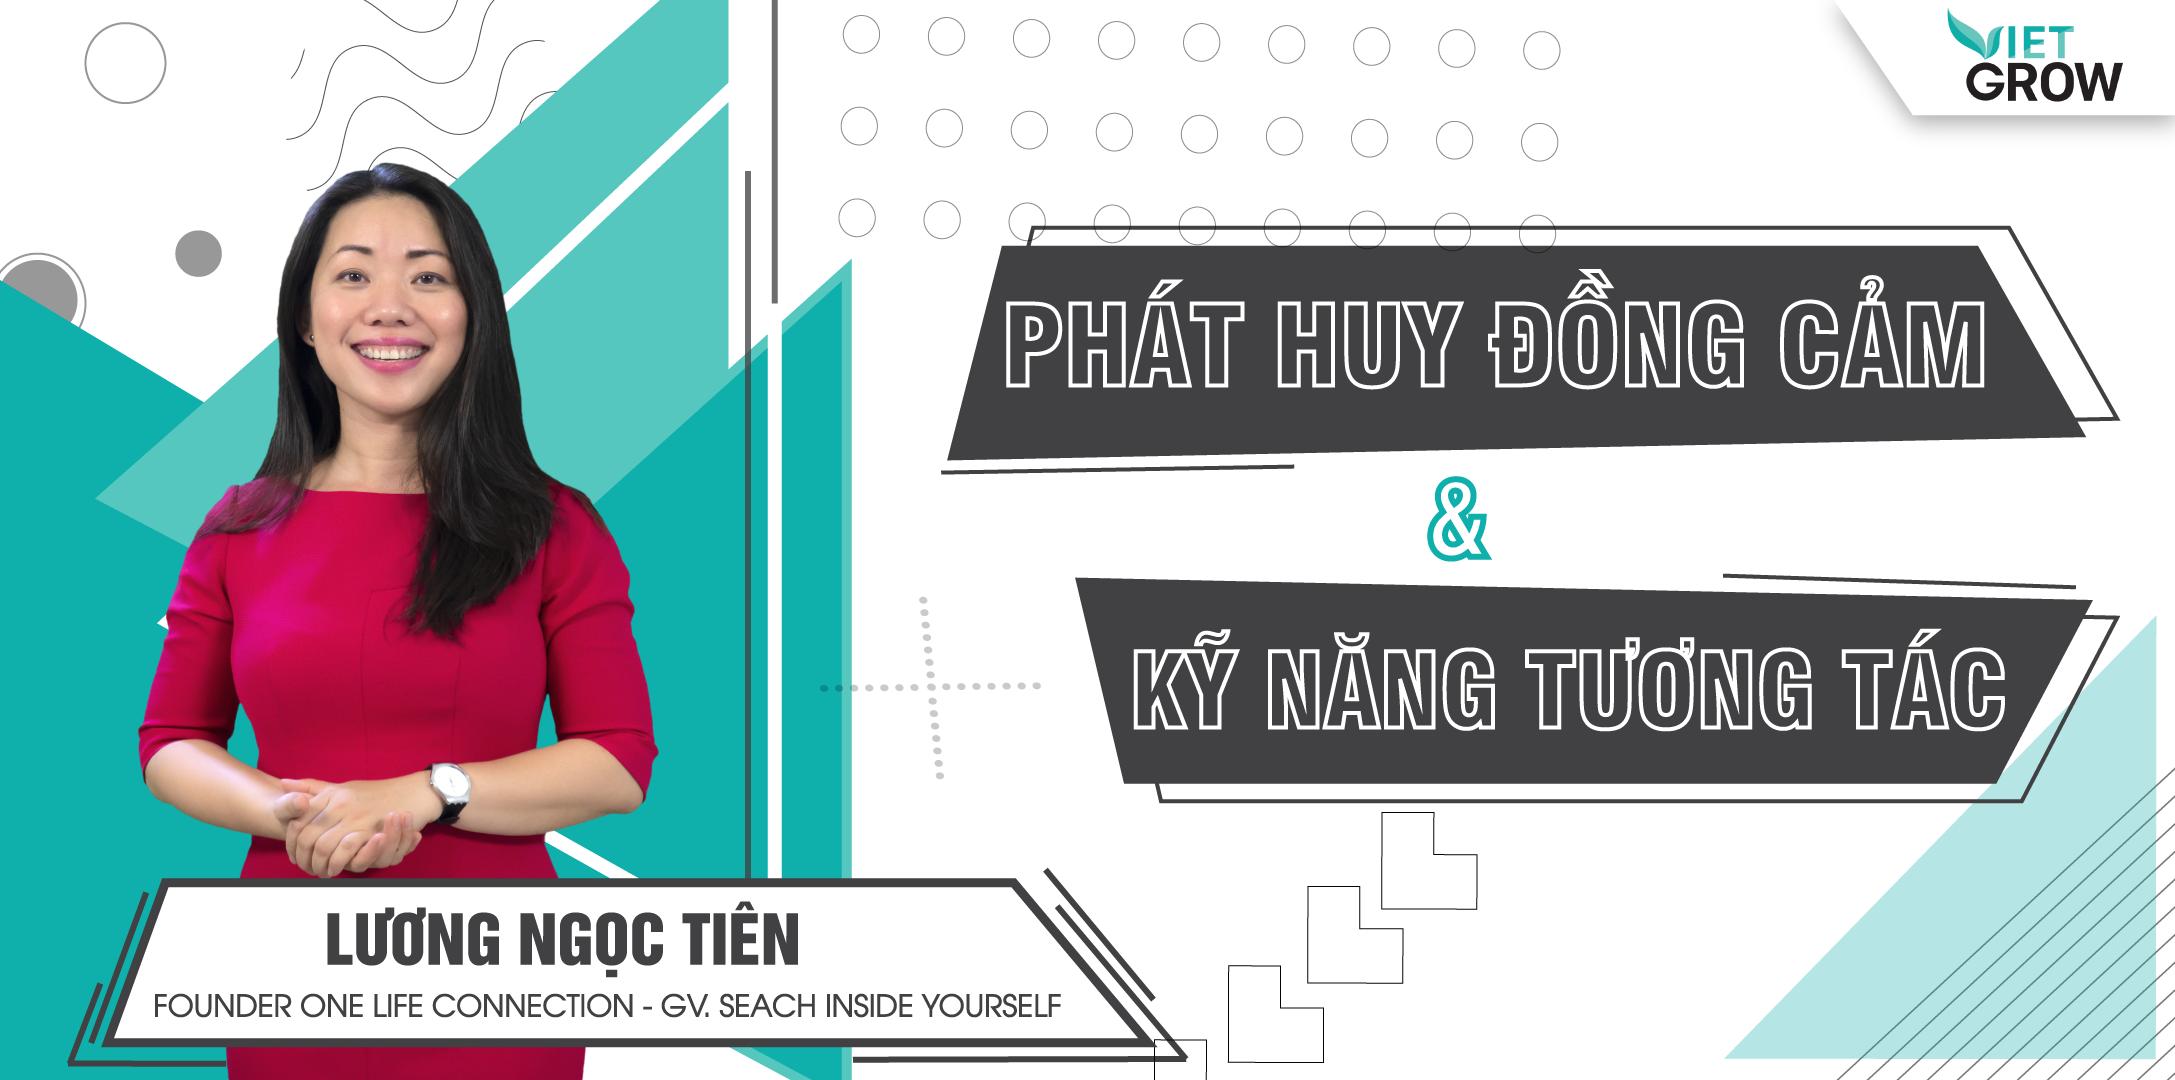 Share khóa học PHÁT HUY ĐỒNG CẢM & KỸ NĂNG TƯƠNG TÁC - Lương Ngọc Tiên